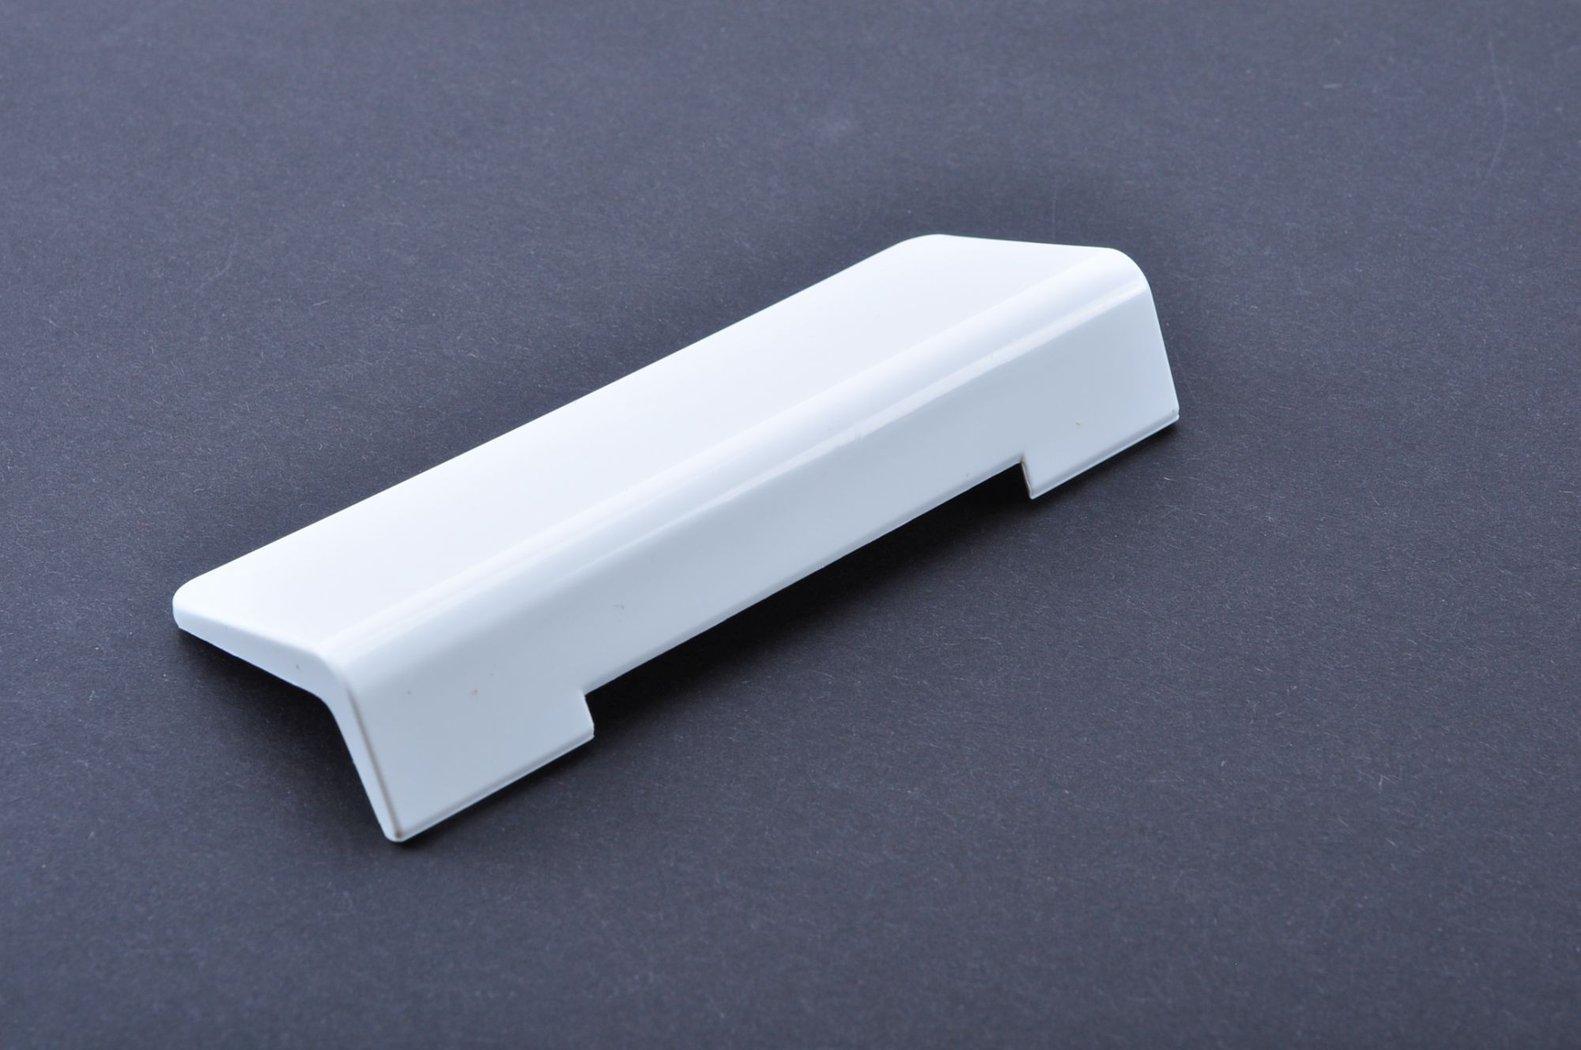 Aeg Kühlschrank Ersatzteile Santo : Griff gefrierfach kühlschrank aeg electrolux privileg